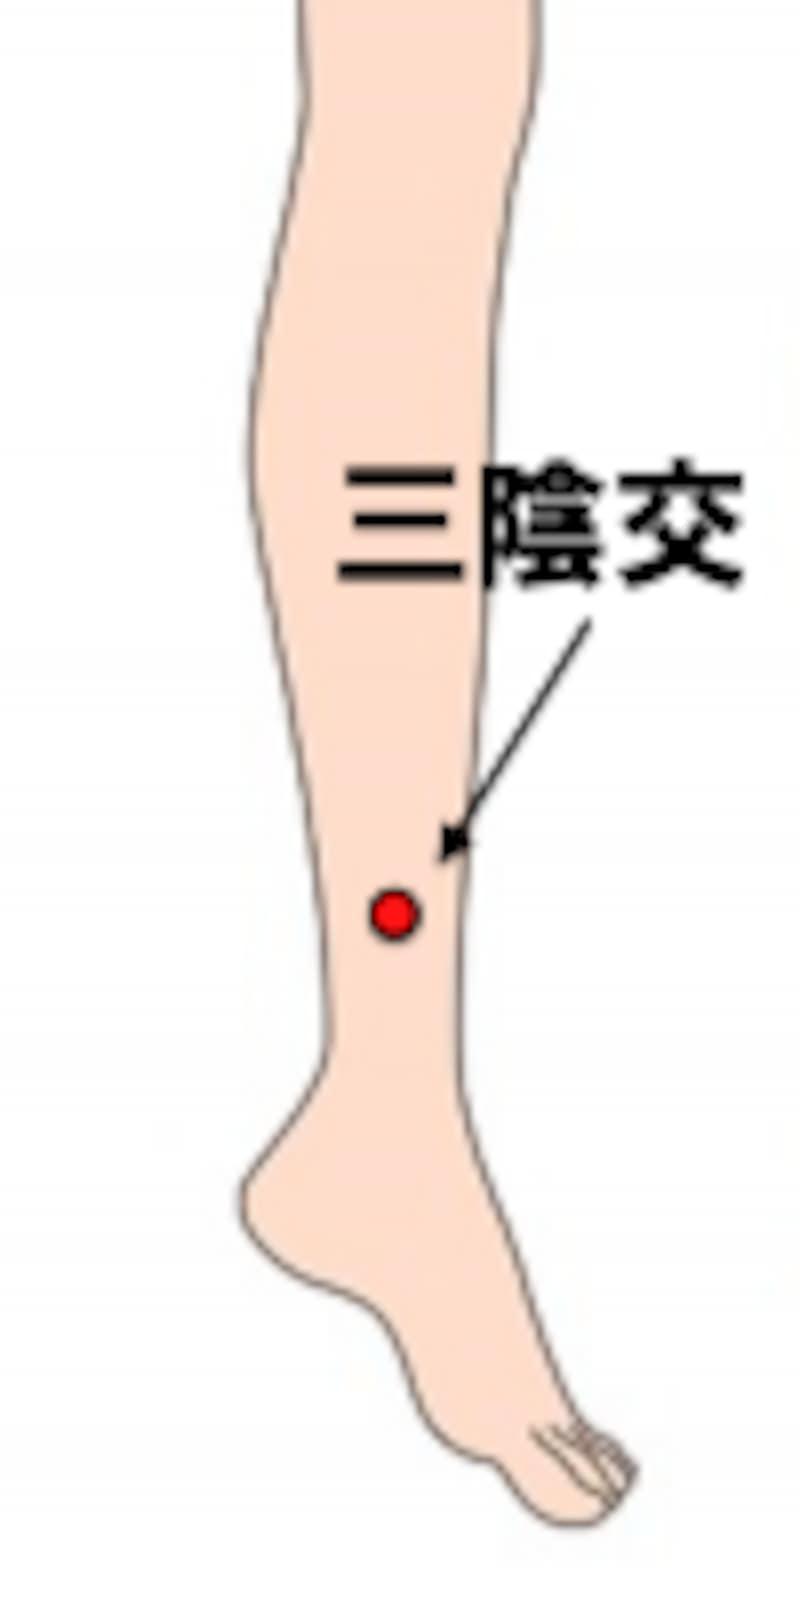 三陰交は血の循環を改善すると考えられている